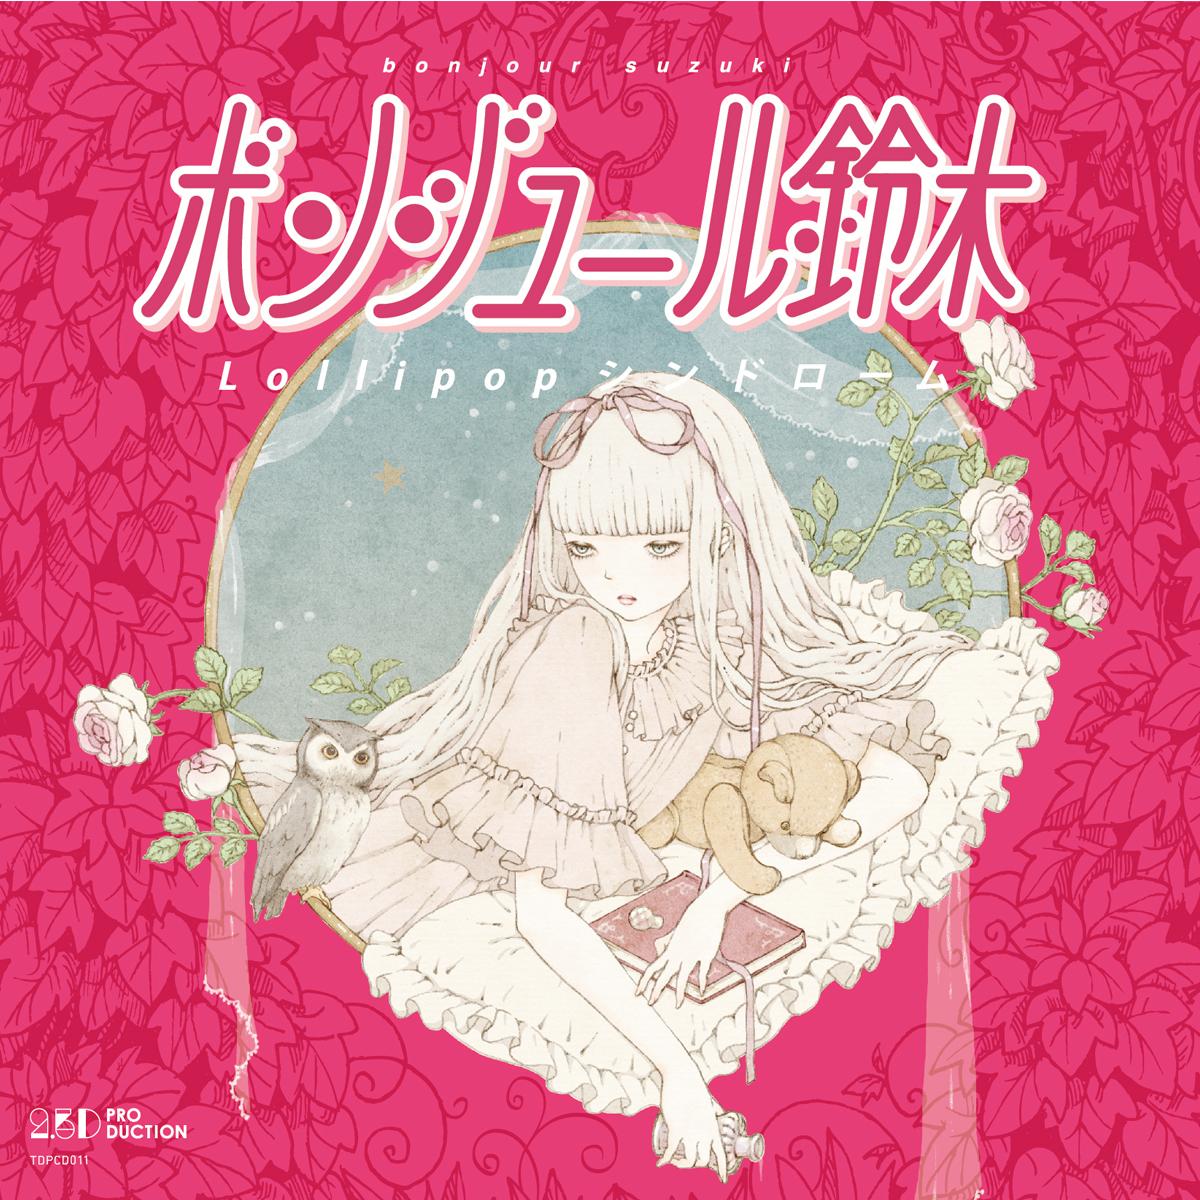 ボンジュール鈴木「Lollipopシンドローム(リマスター盤)」【LABEL】